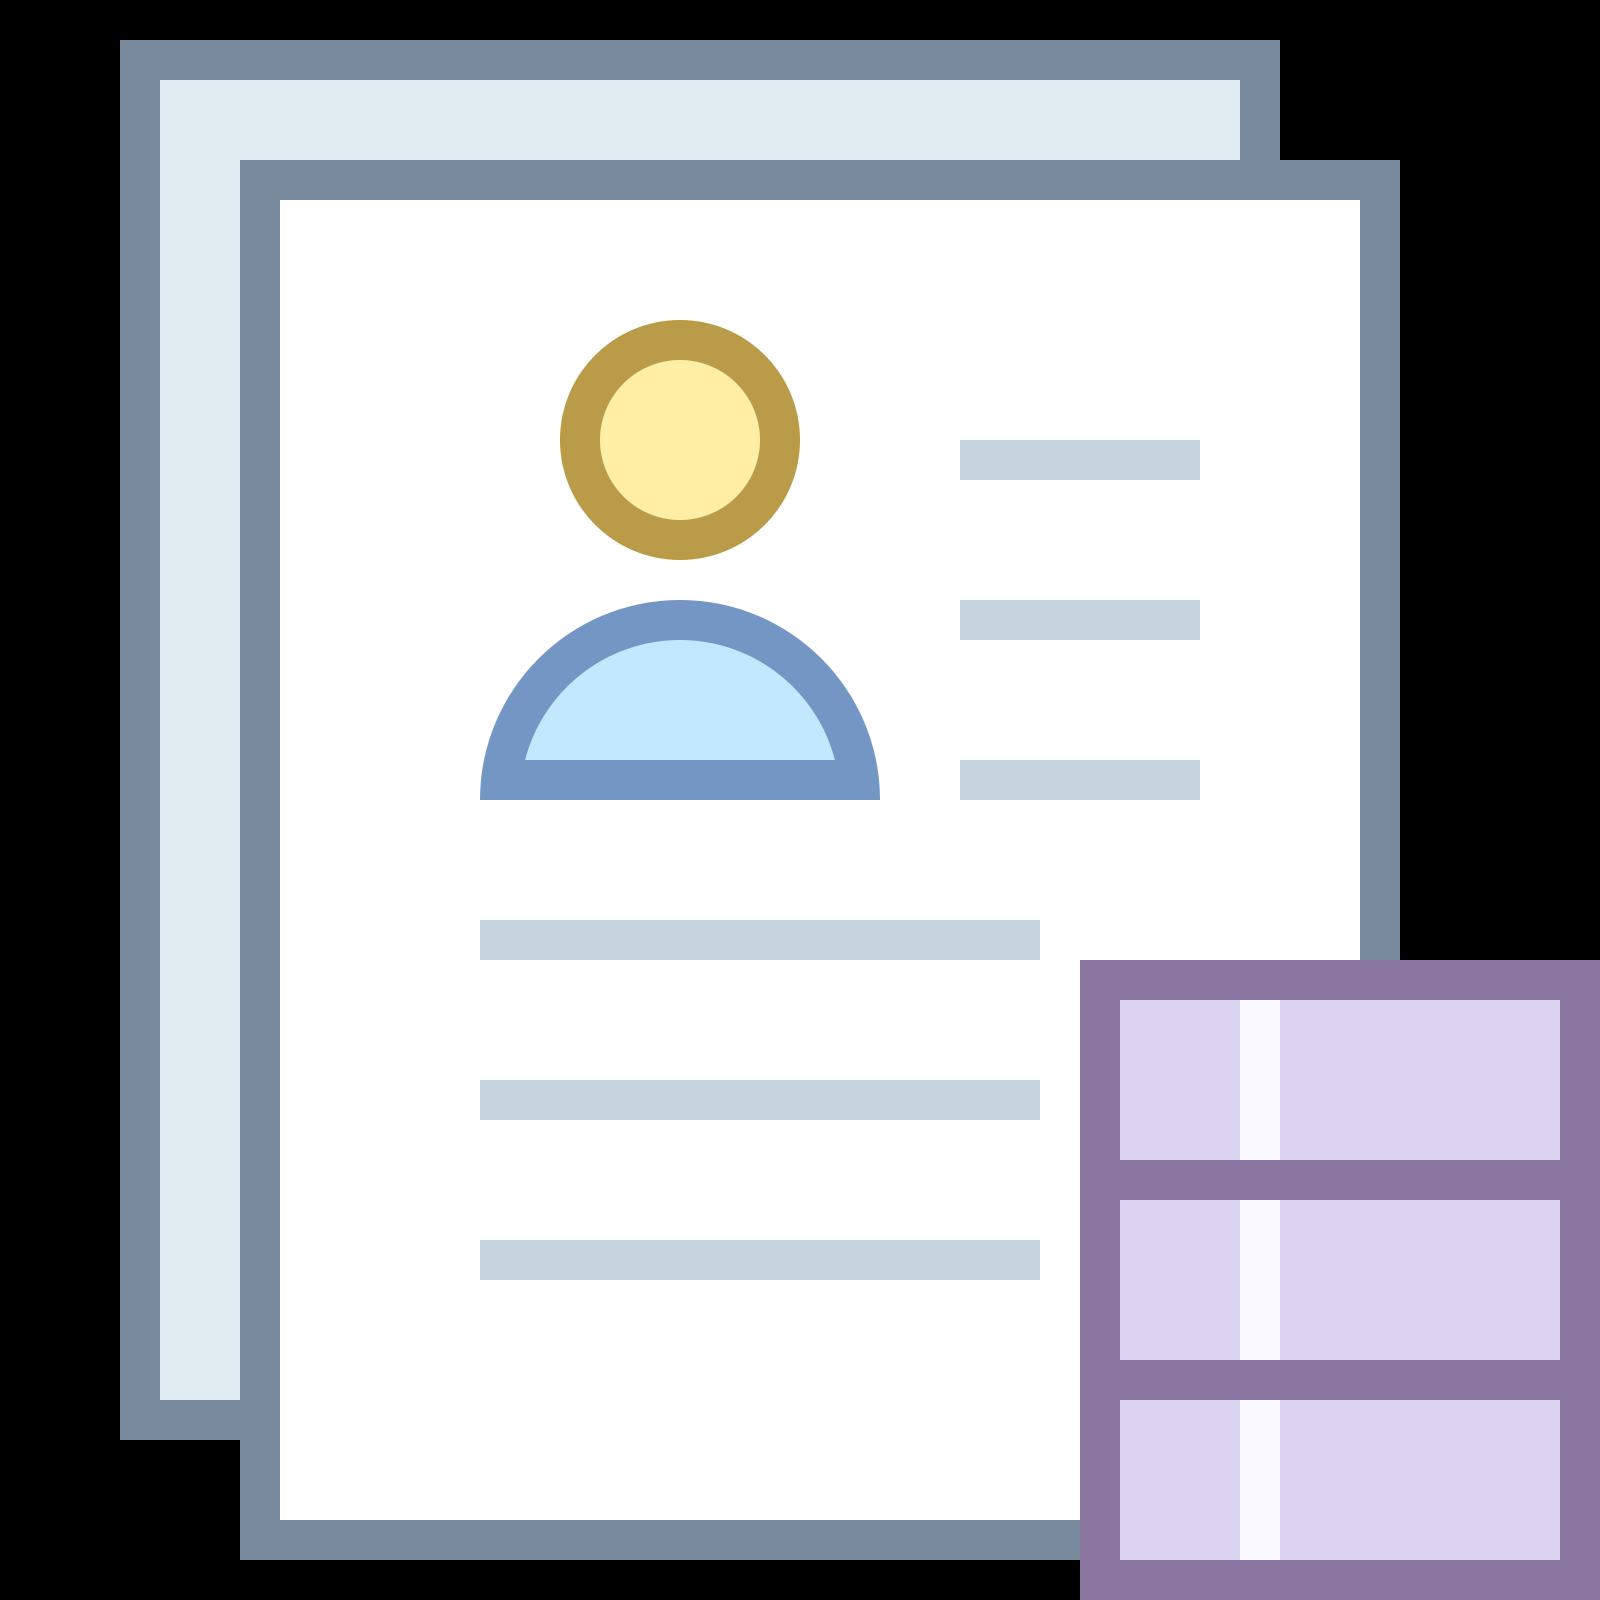 履歴書を解析 icon